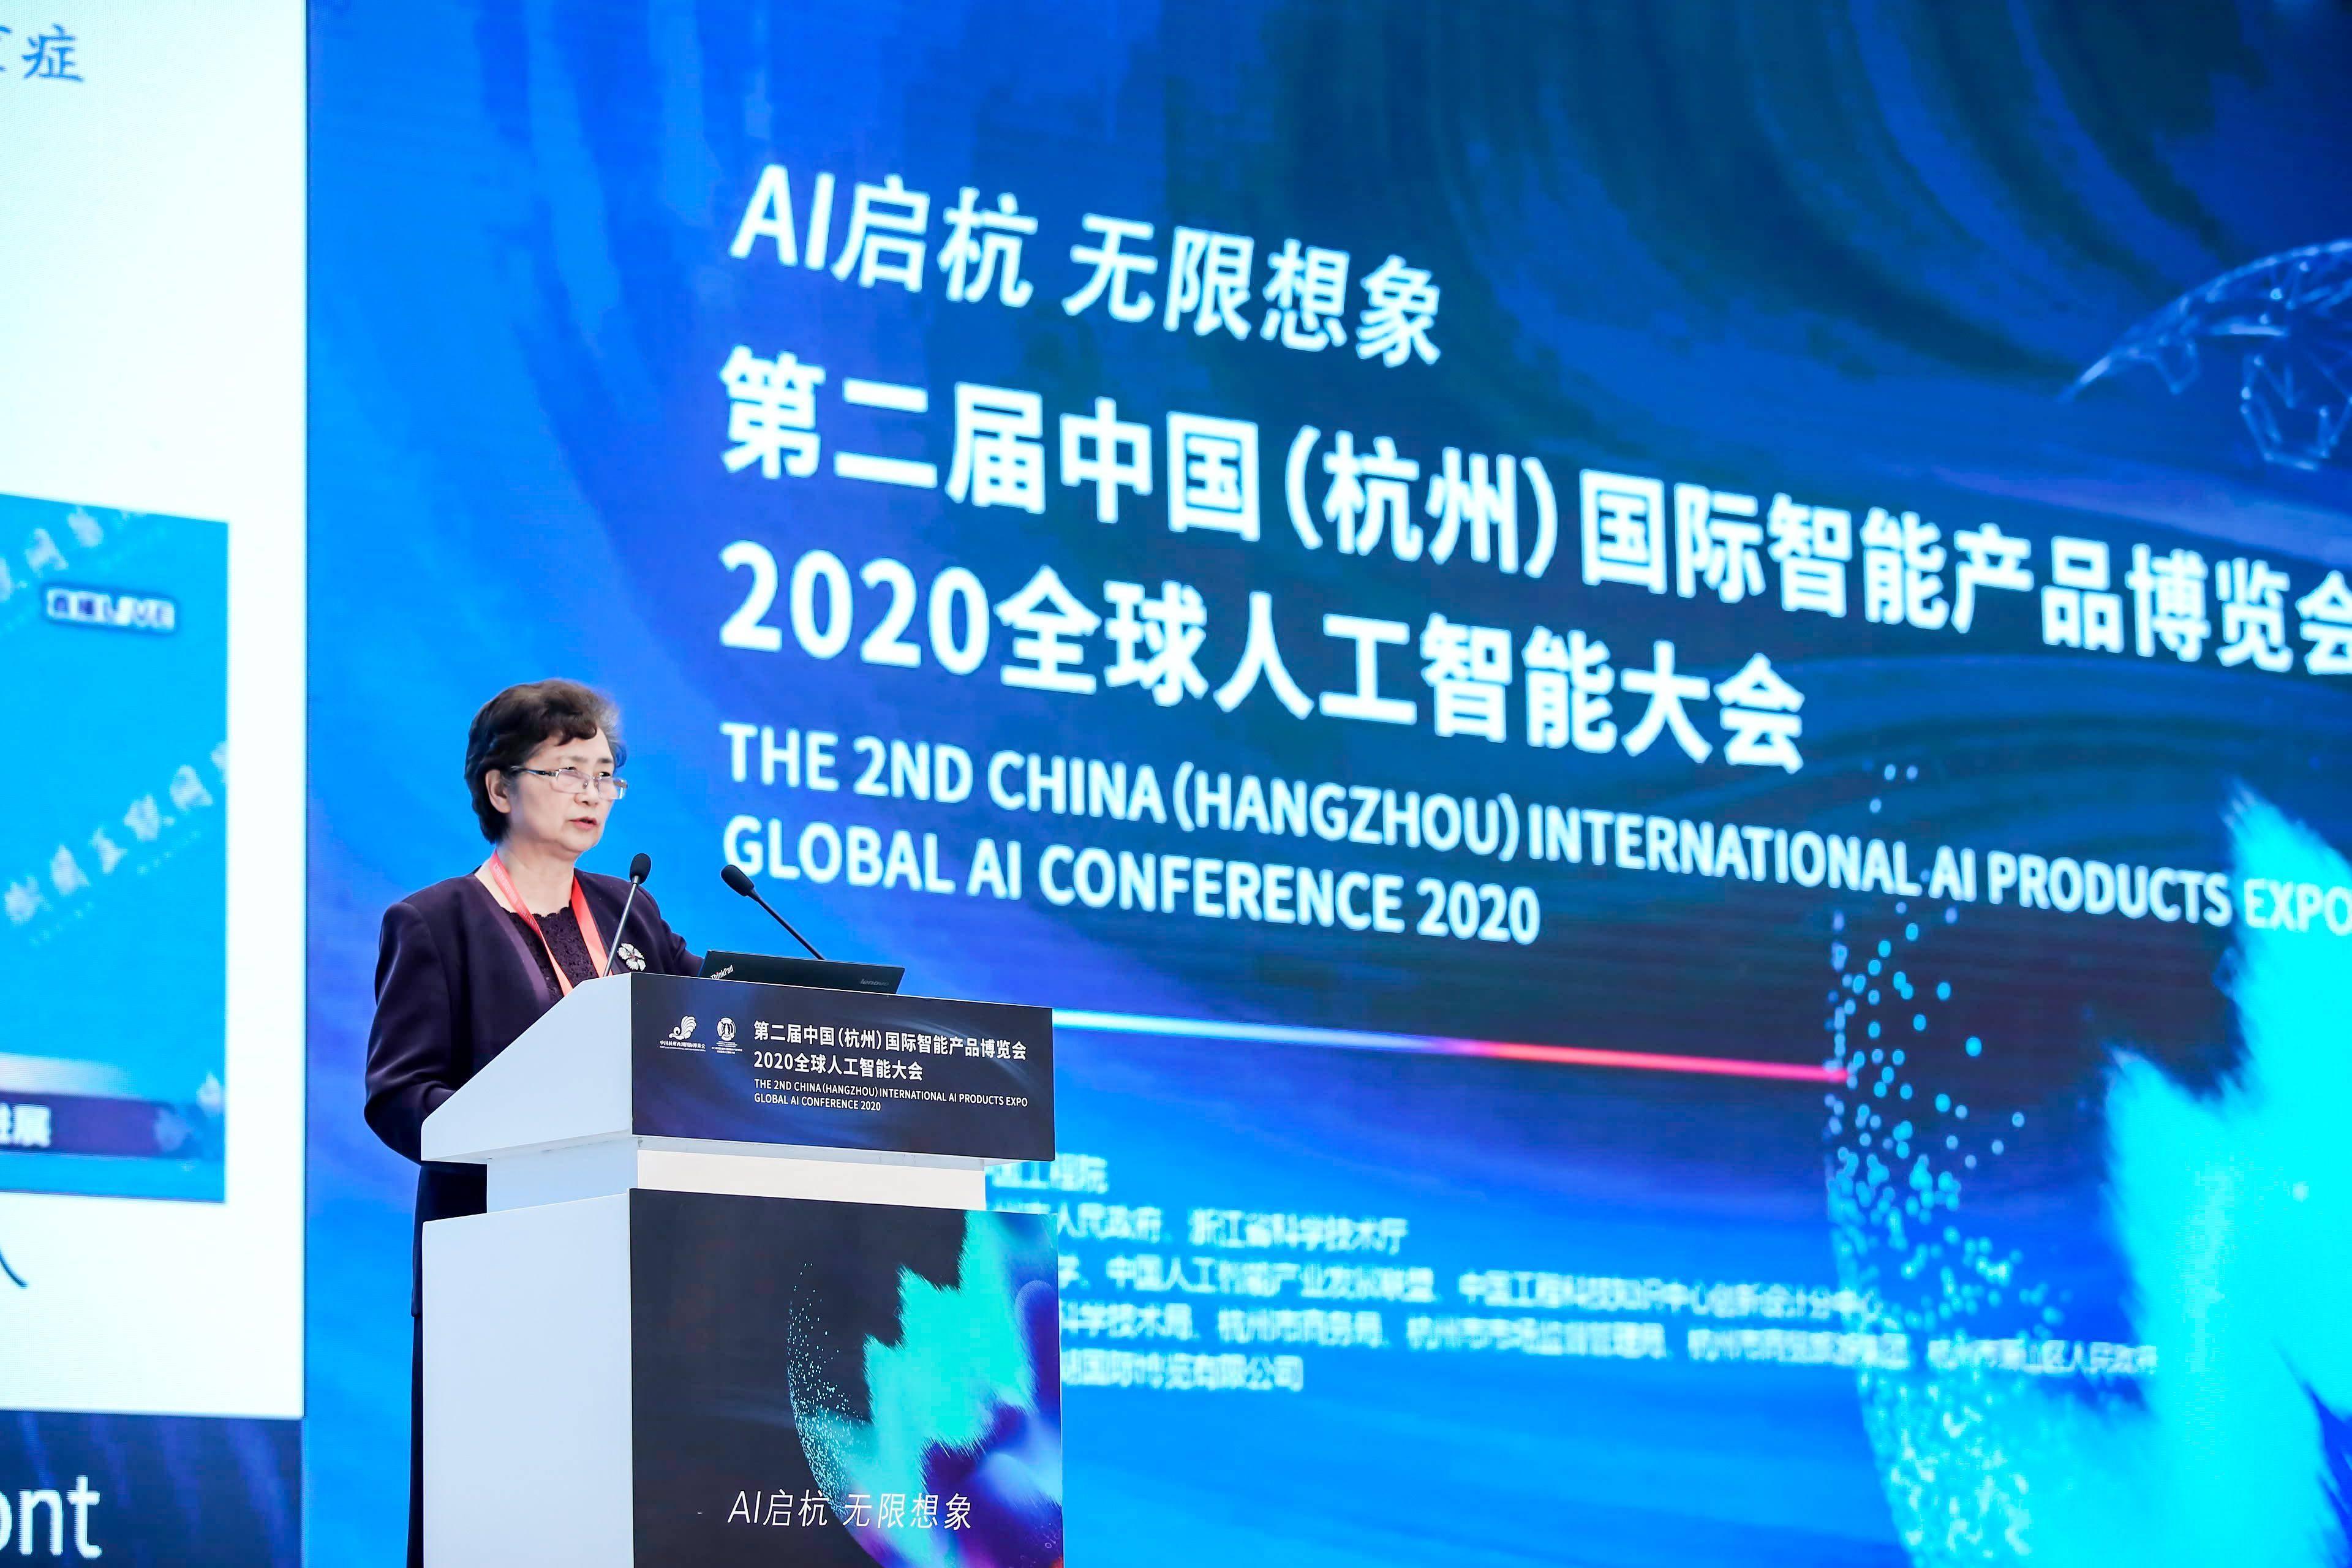 李兰娟:AI+大数据+5G+互联网全流程助力抗疫